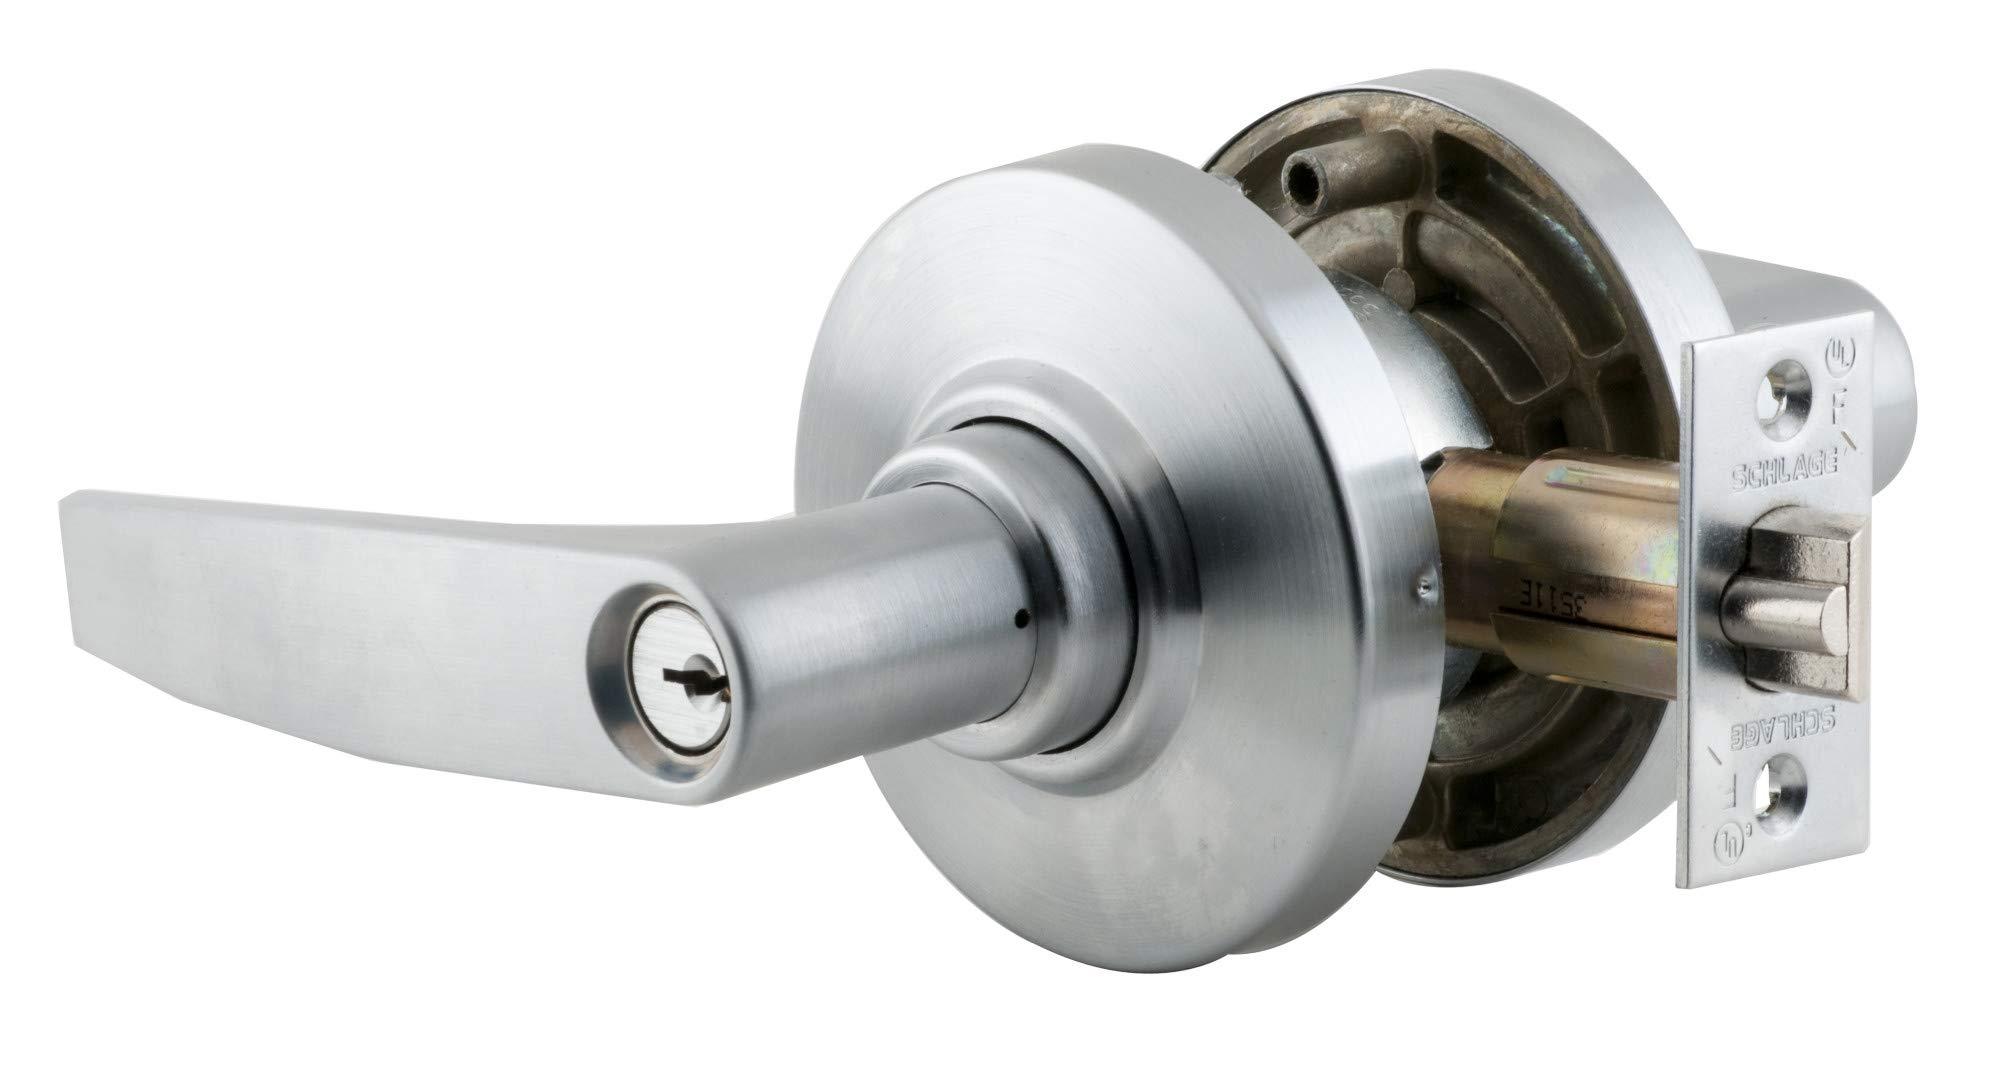 Satin Chrome Finish Storeroom Function Schlage commercial AL80PDJUP626 AL Series Grade 2 Cylindrical Lock Jupiter Lever Design